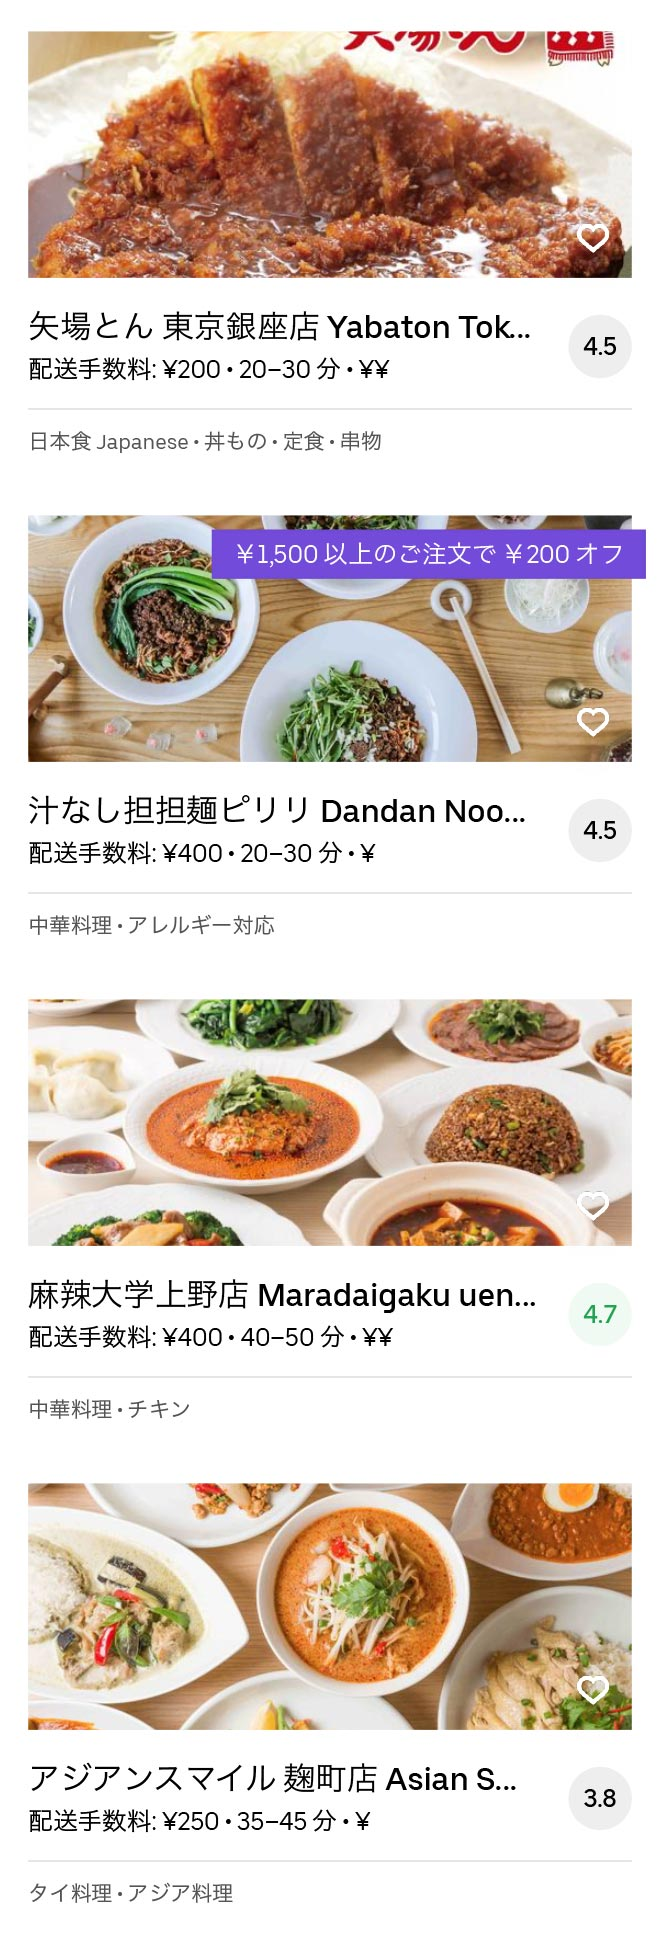 Tokyo otemachi menu 2005 07